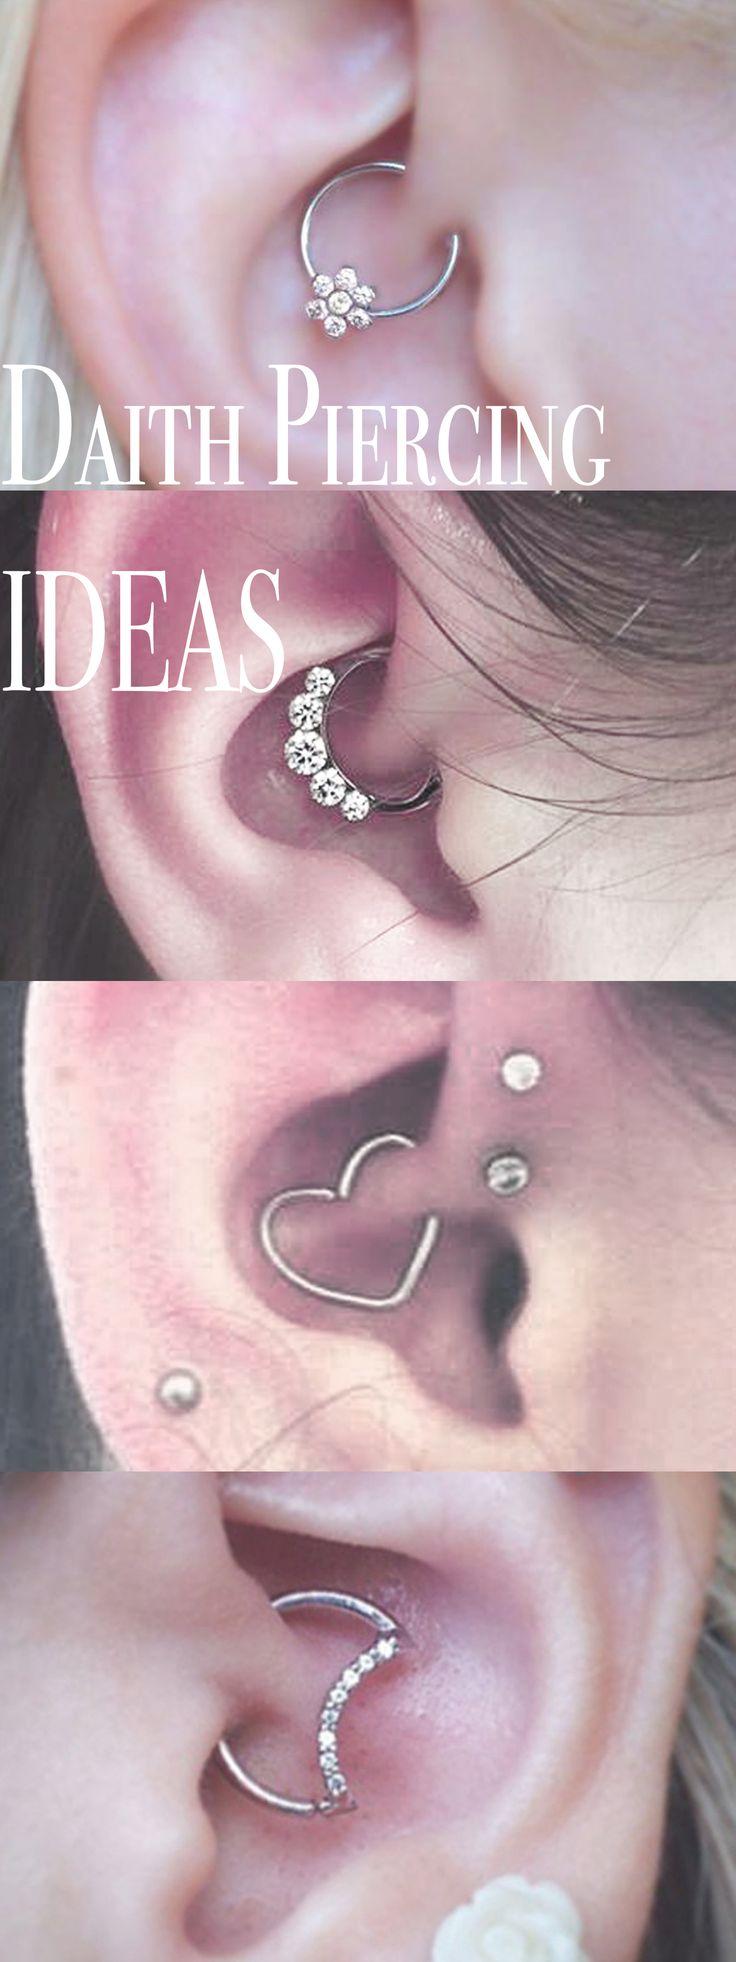 Daith Ear Piercing Ideas - MyBodiArt.com - Cute Earrings for Rook - Moon Heart Flower Star Silver 16G